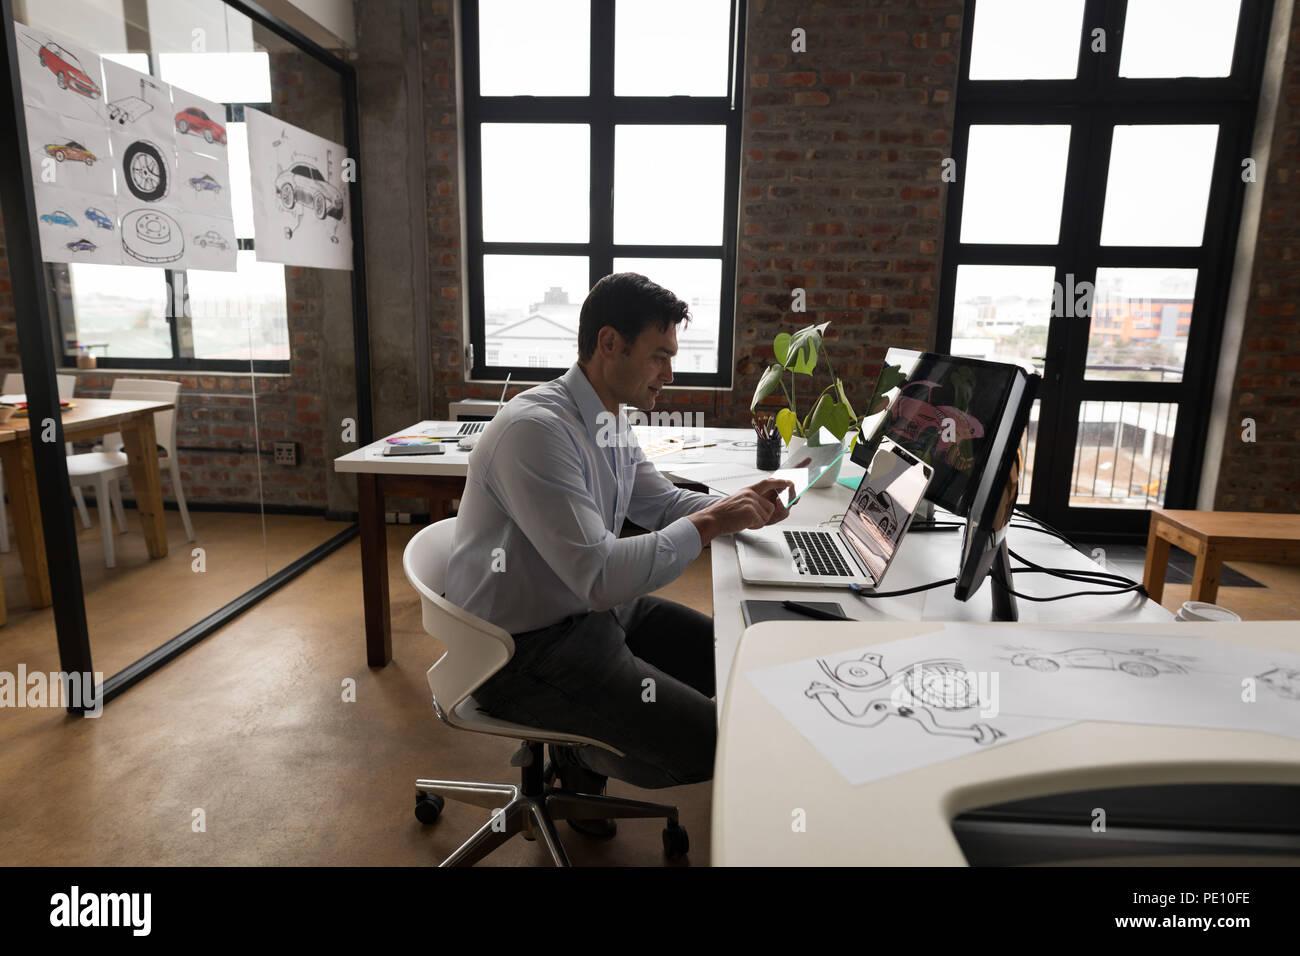 Businessman using glass digital tablet at desk - Stock Image